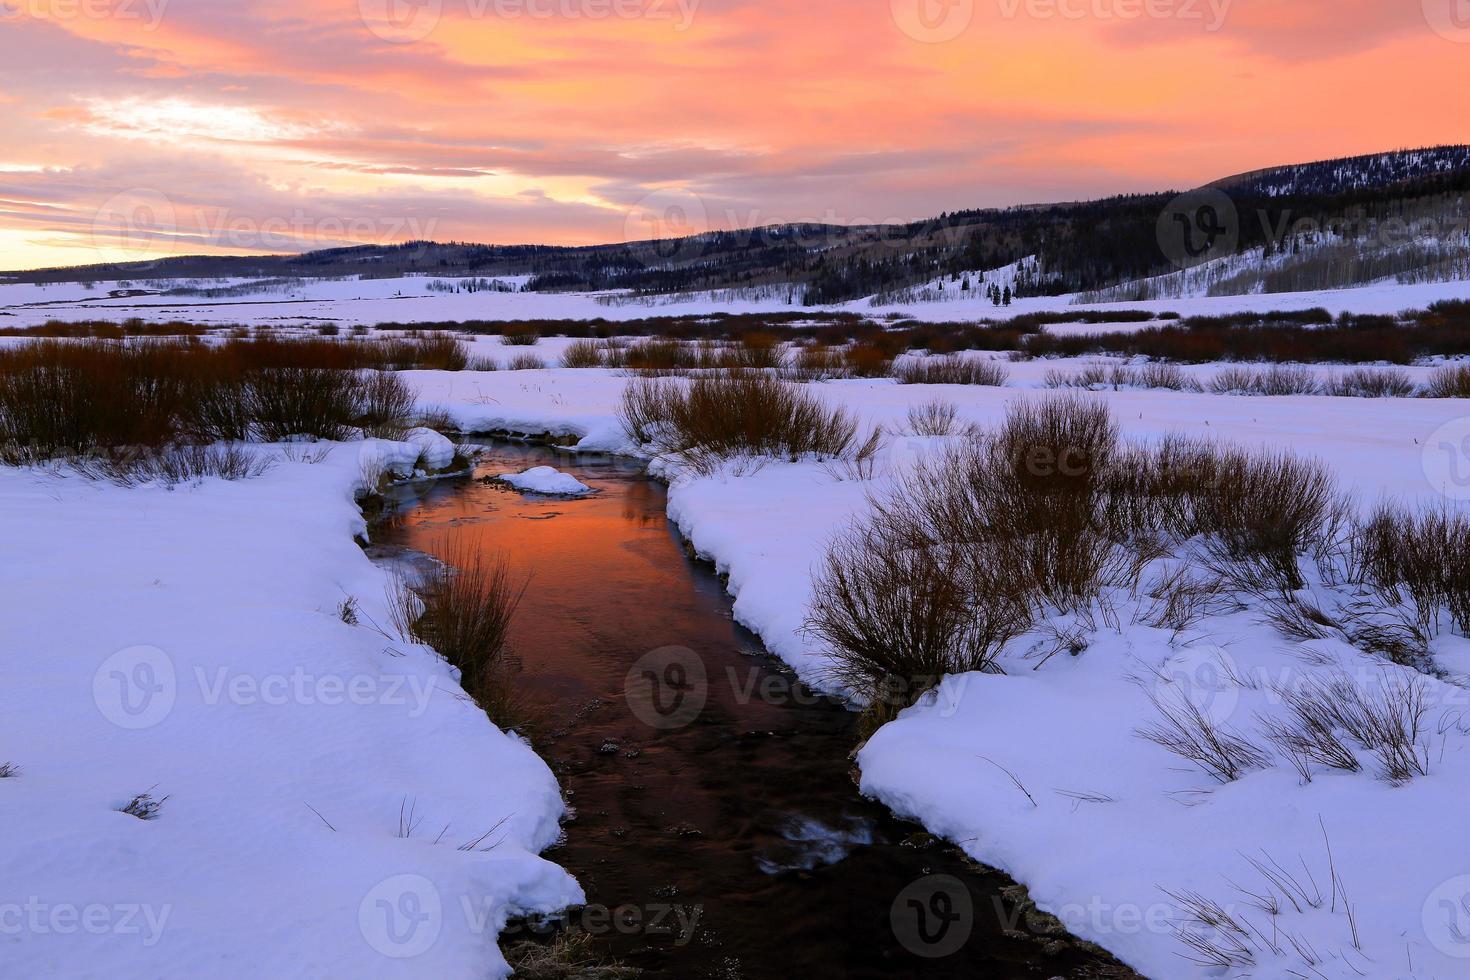 invierno río amanecer. foto